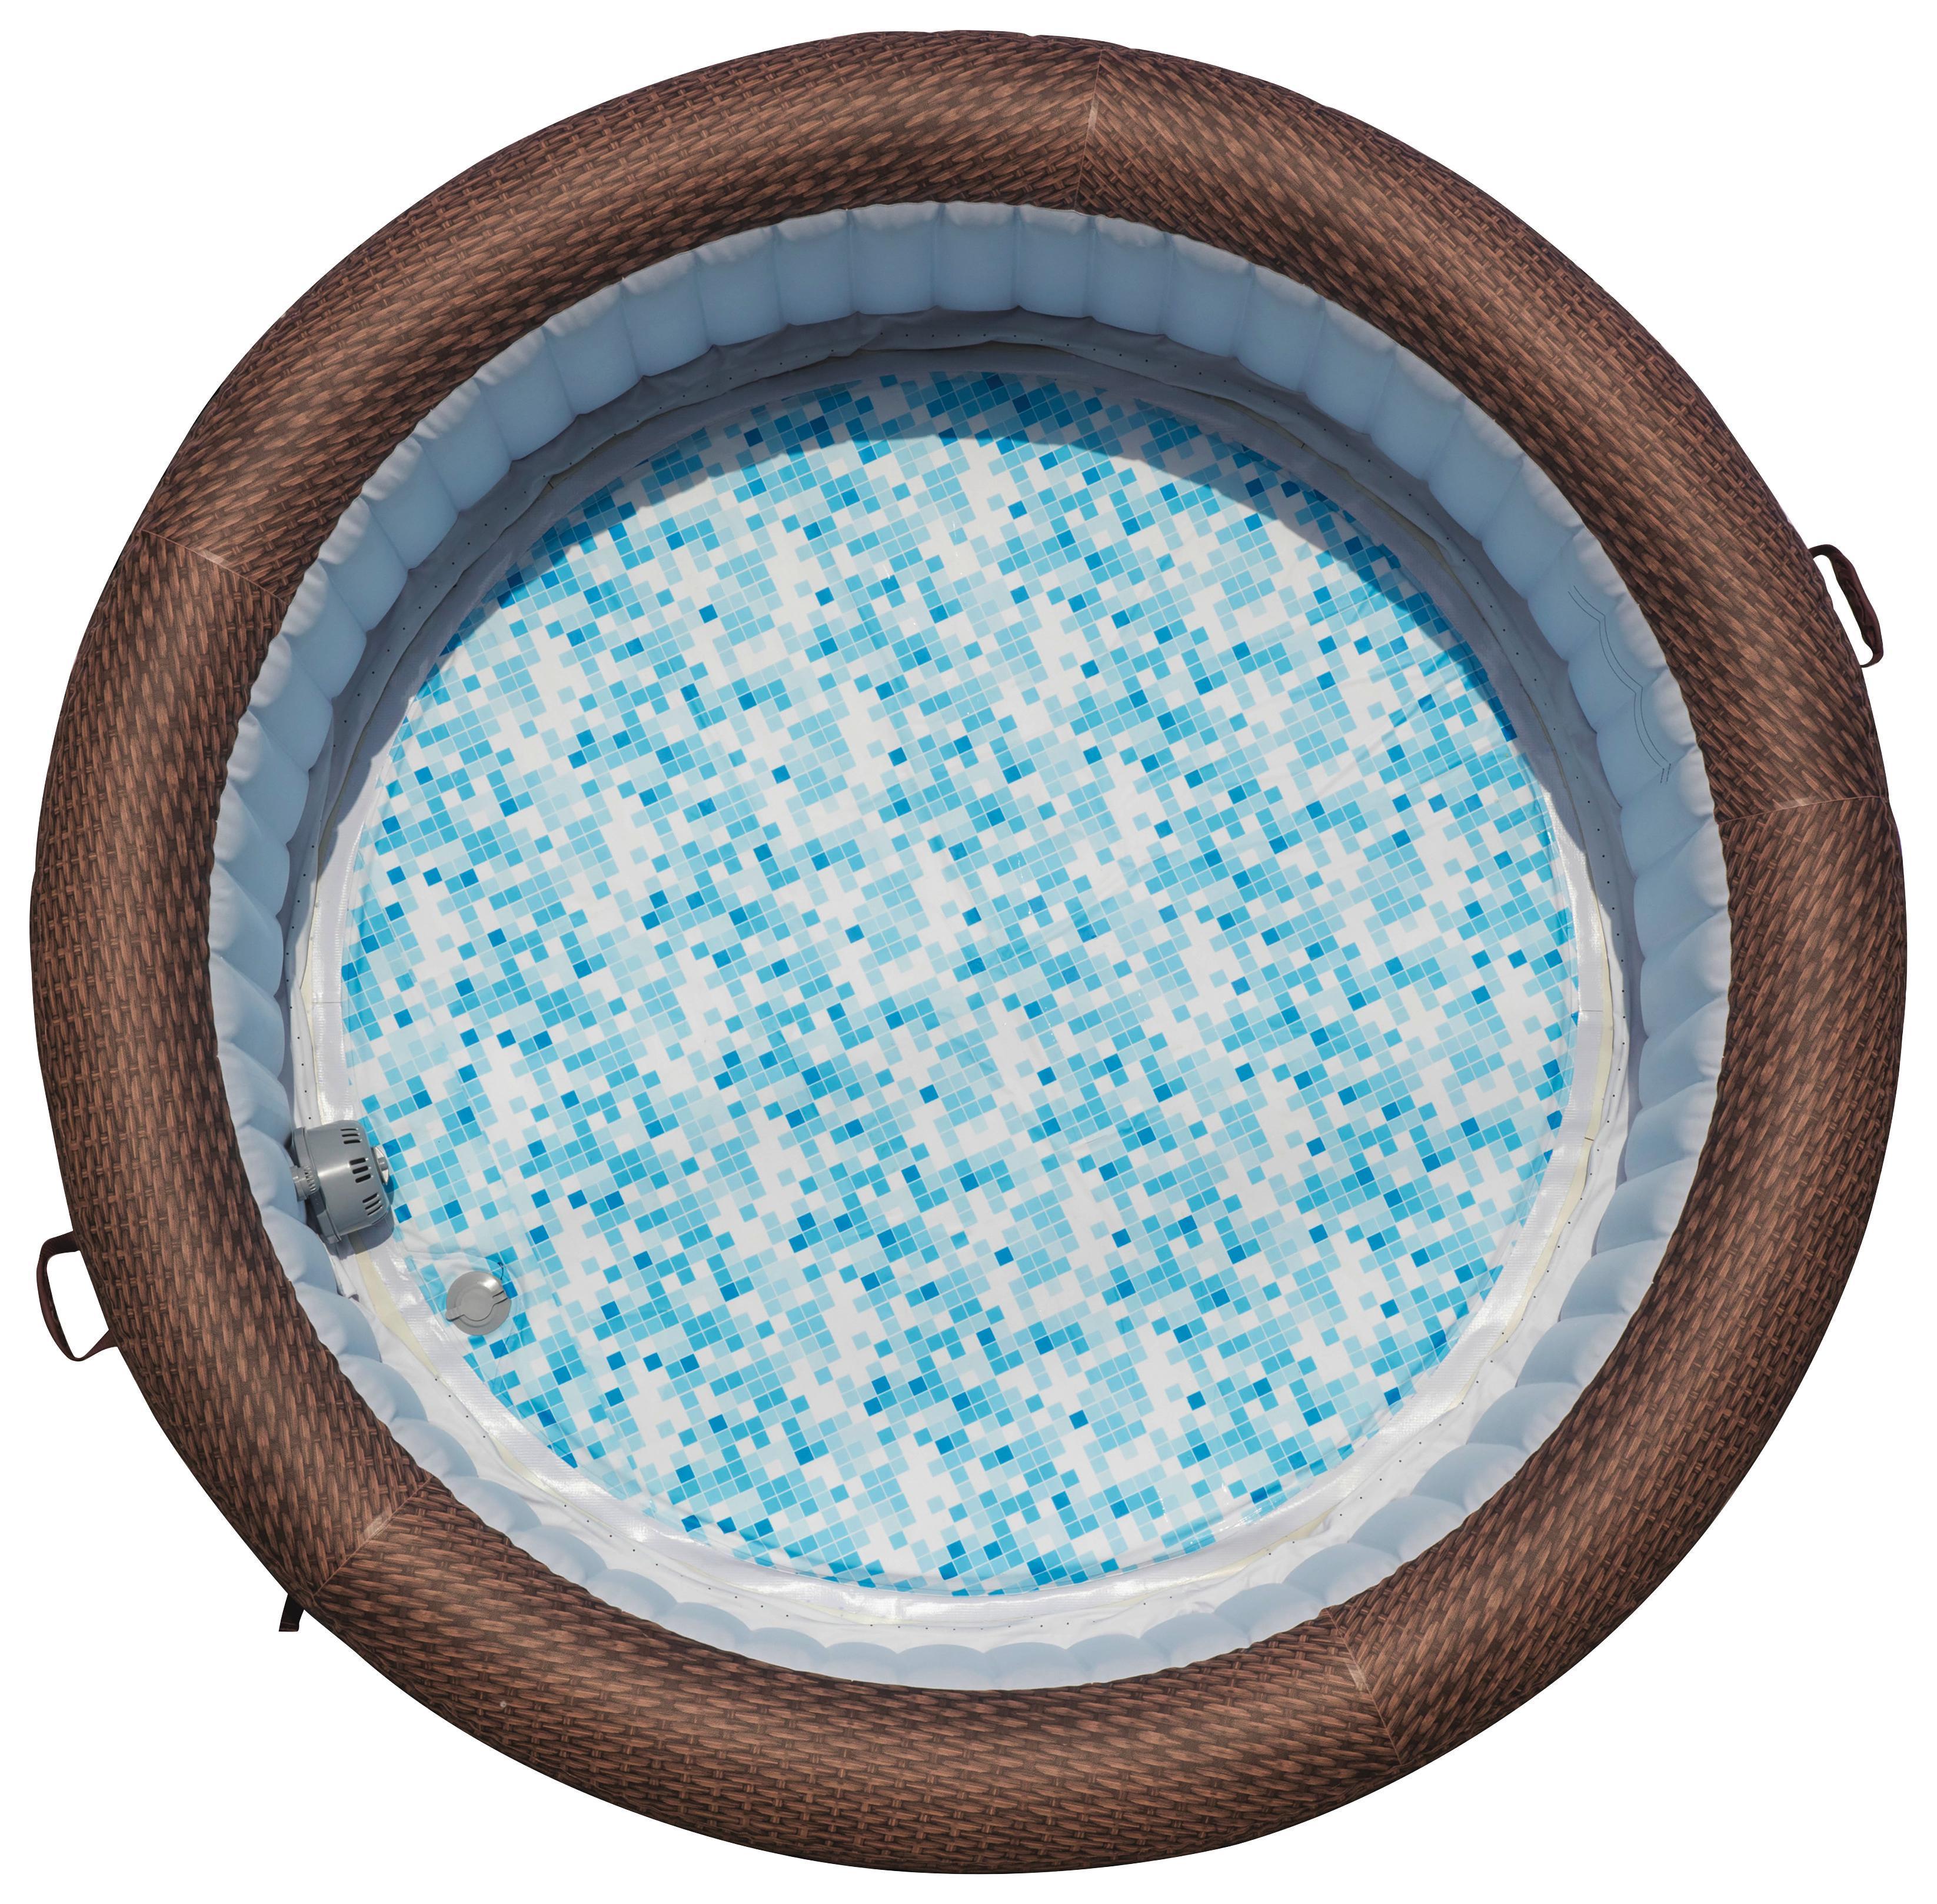 Aufblasbarer Whirlpool mit digitaler Steuerung